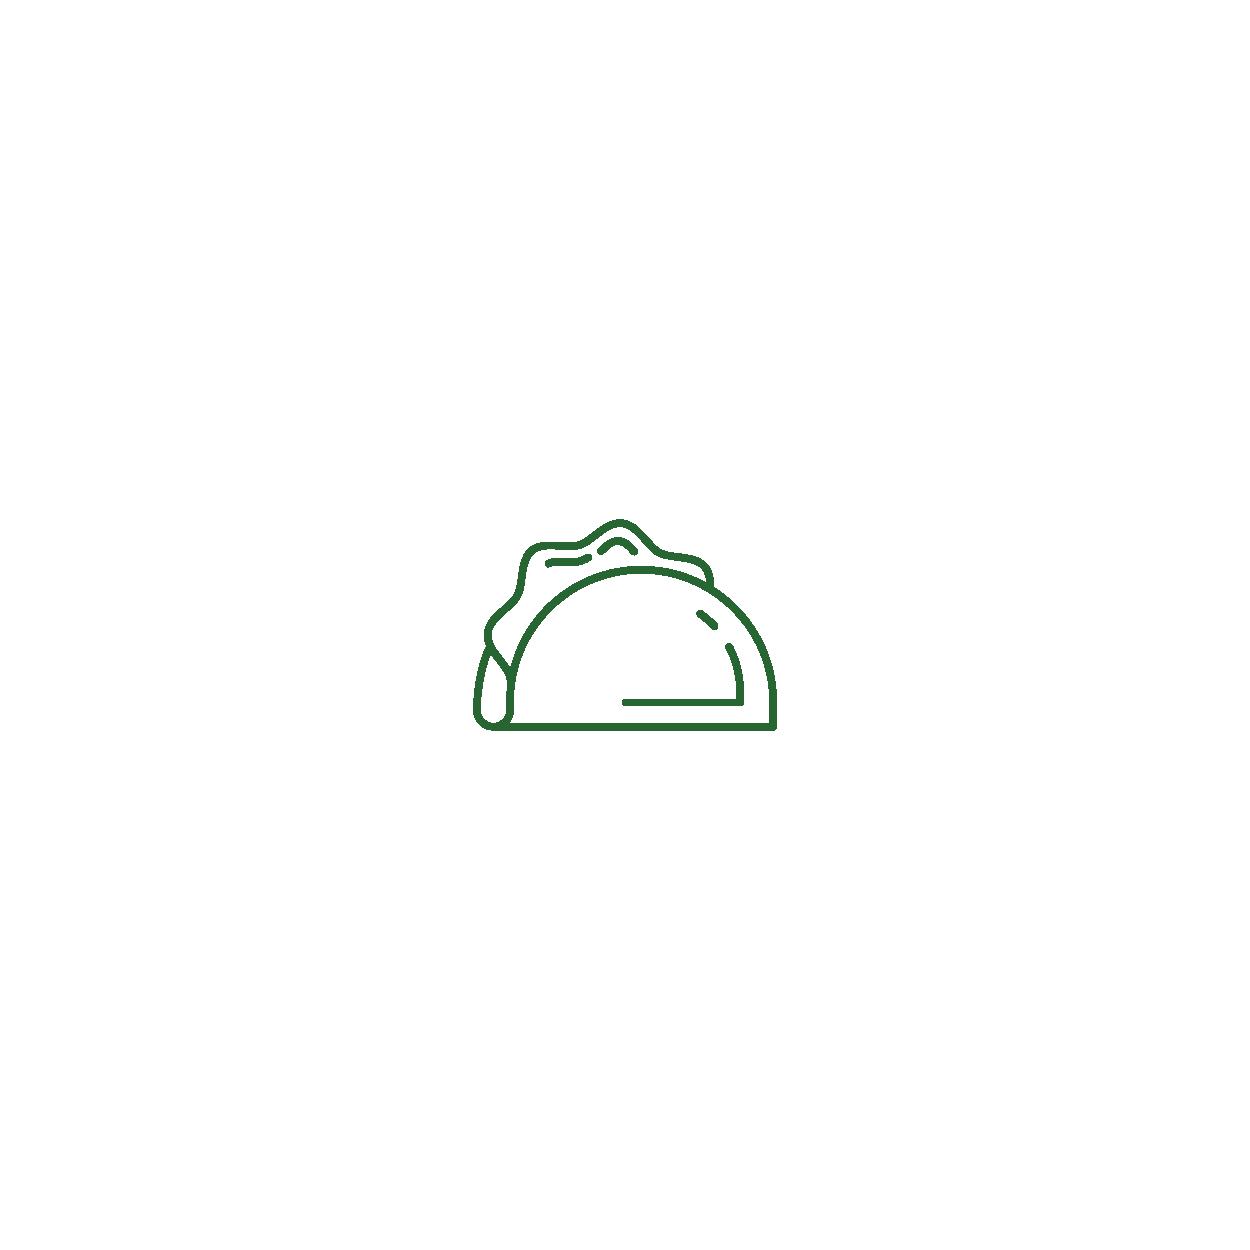 vega-04.png